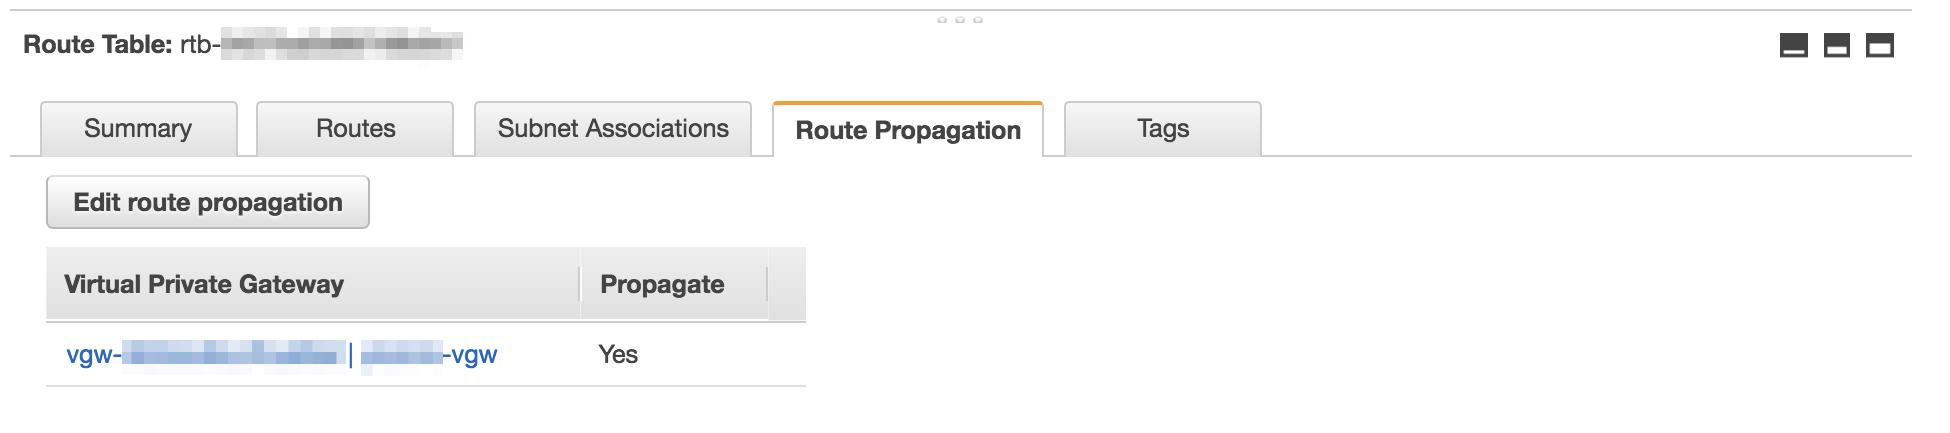 14-route-propagation